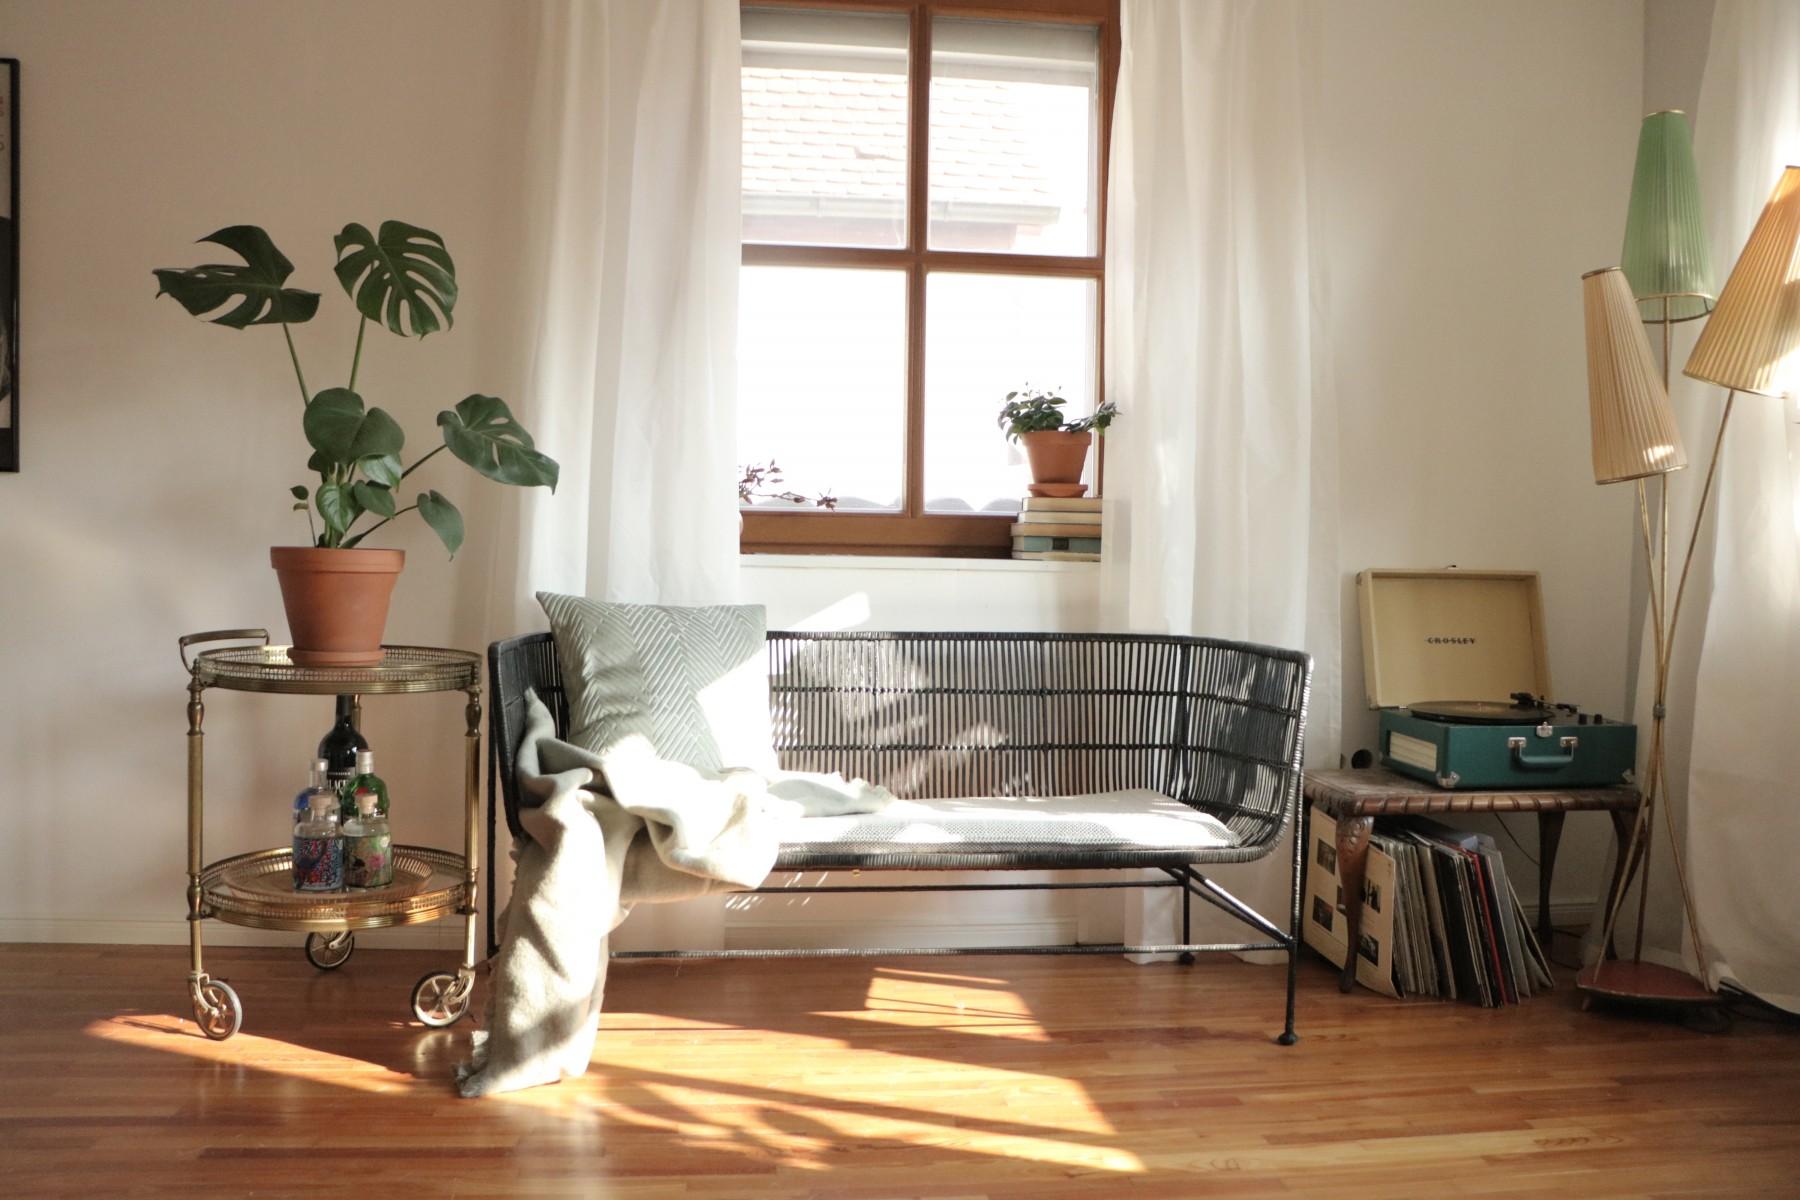 Stuhl, Fenster, Vorhang, Modern, Schrank, Pflanze, Weiß